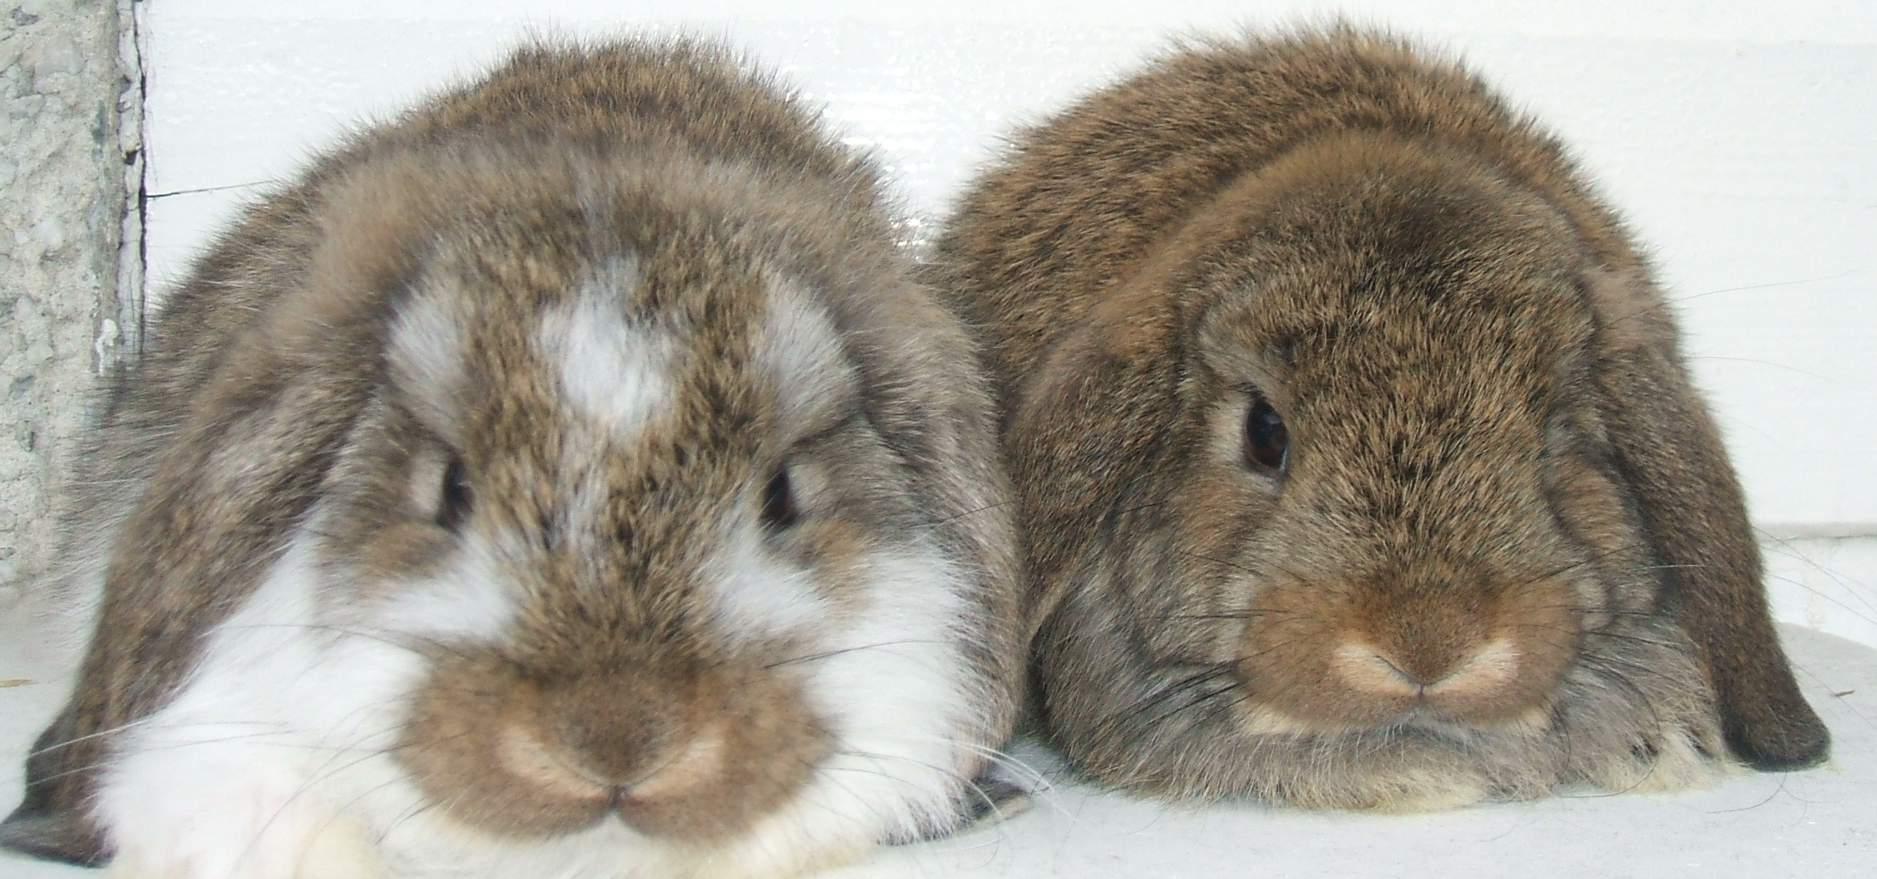 Dwarf lop rabbits - photo#54